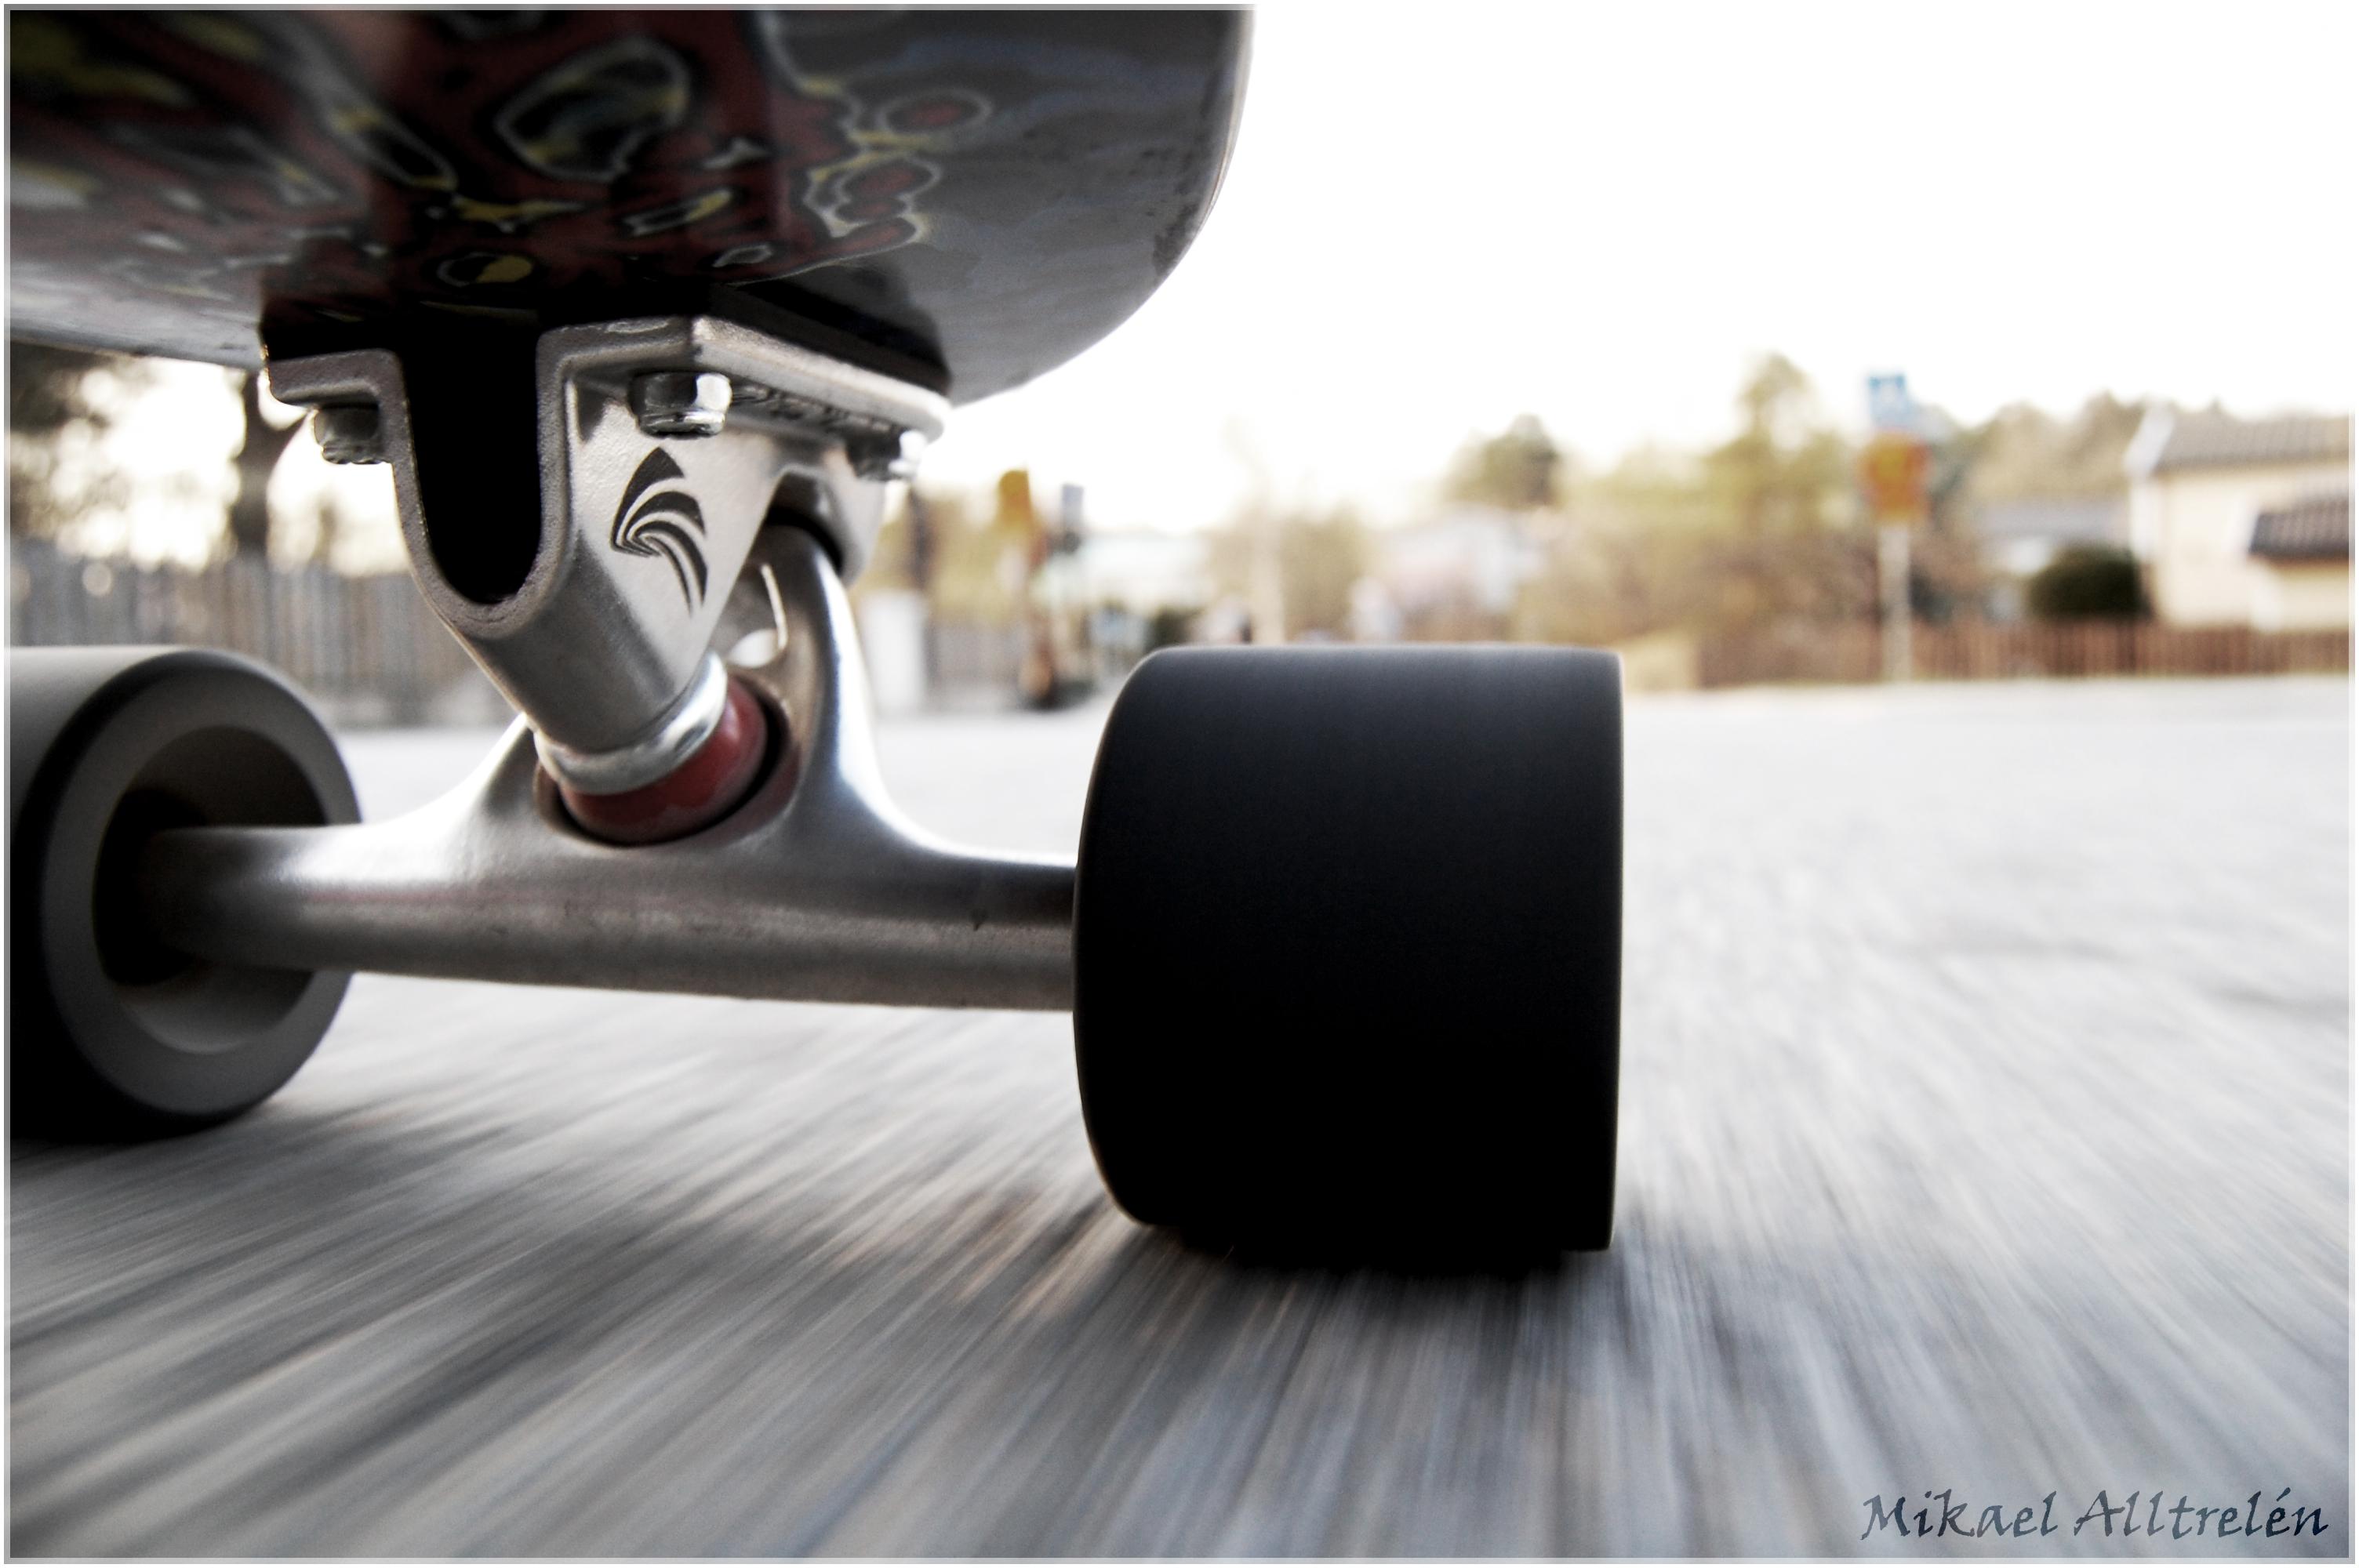 longboard_by_miccolo